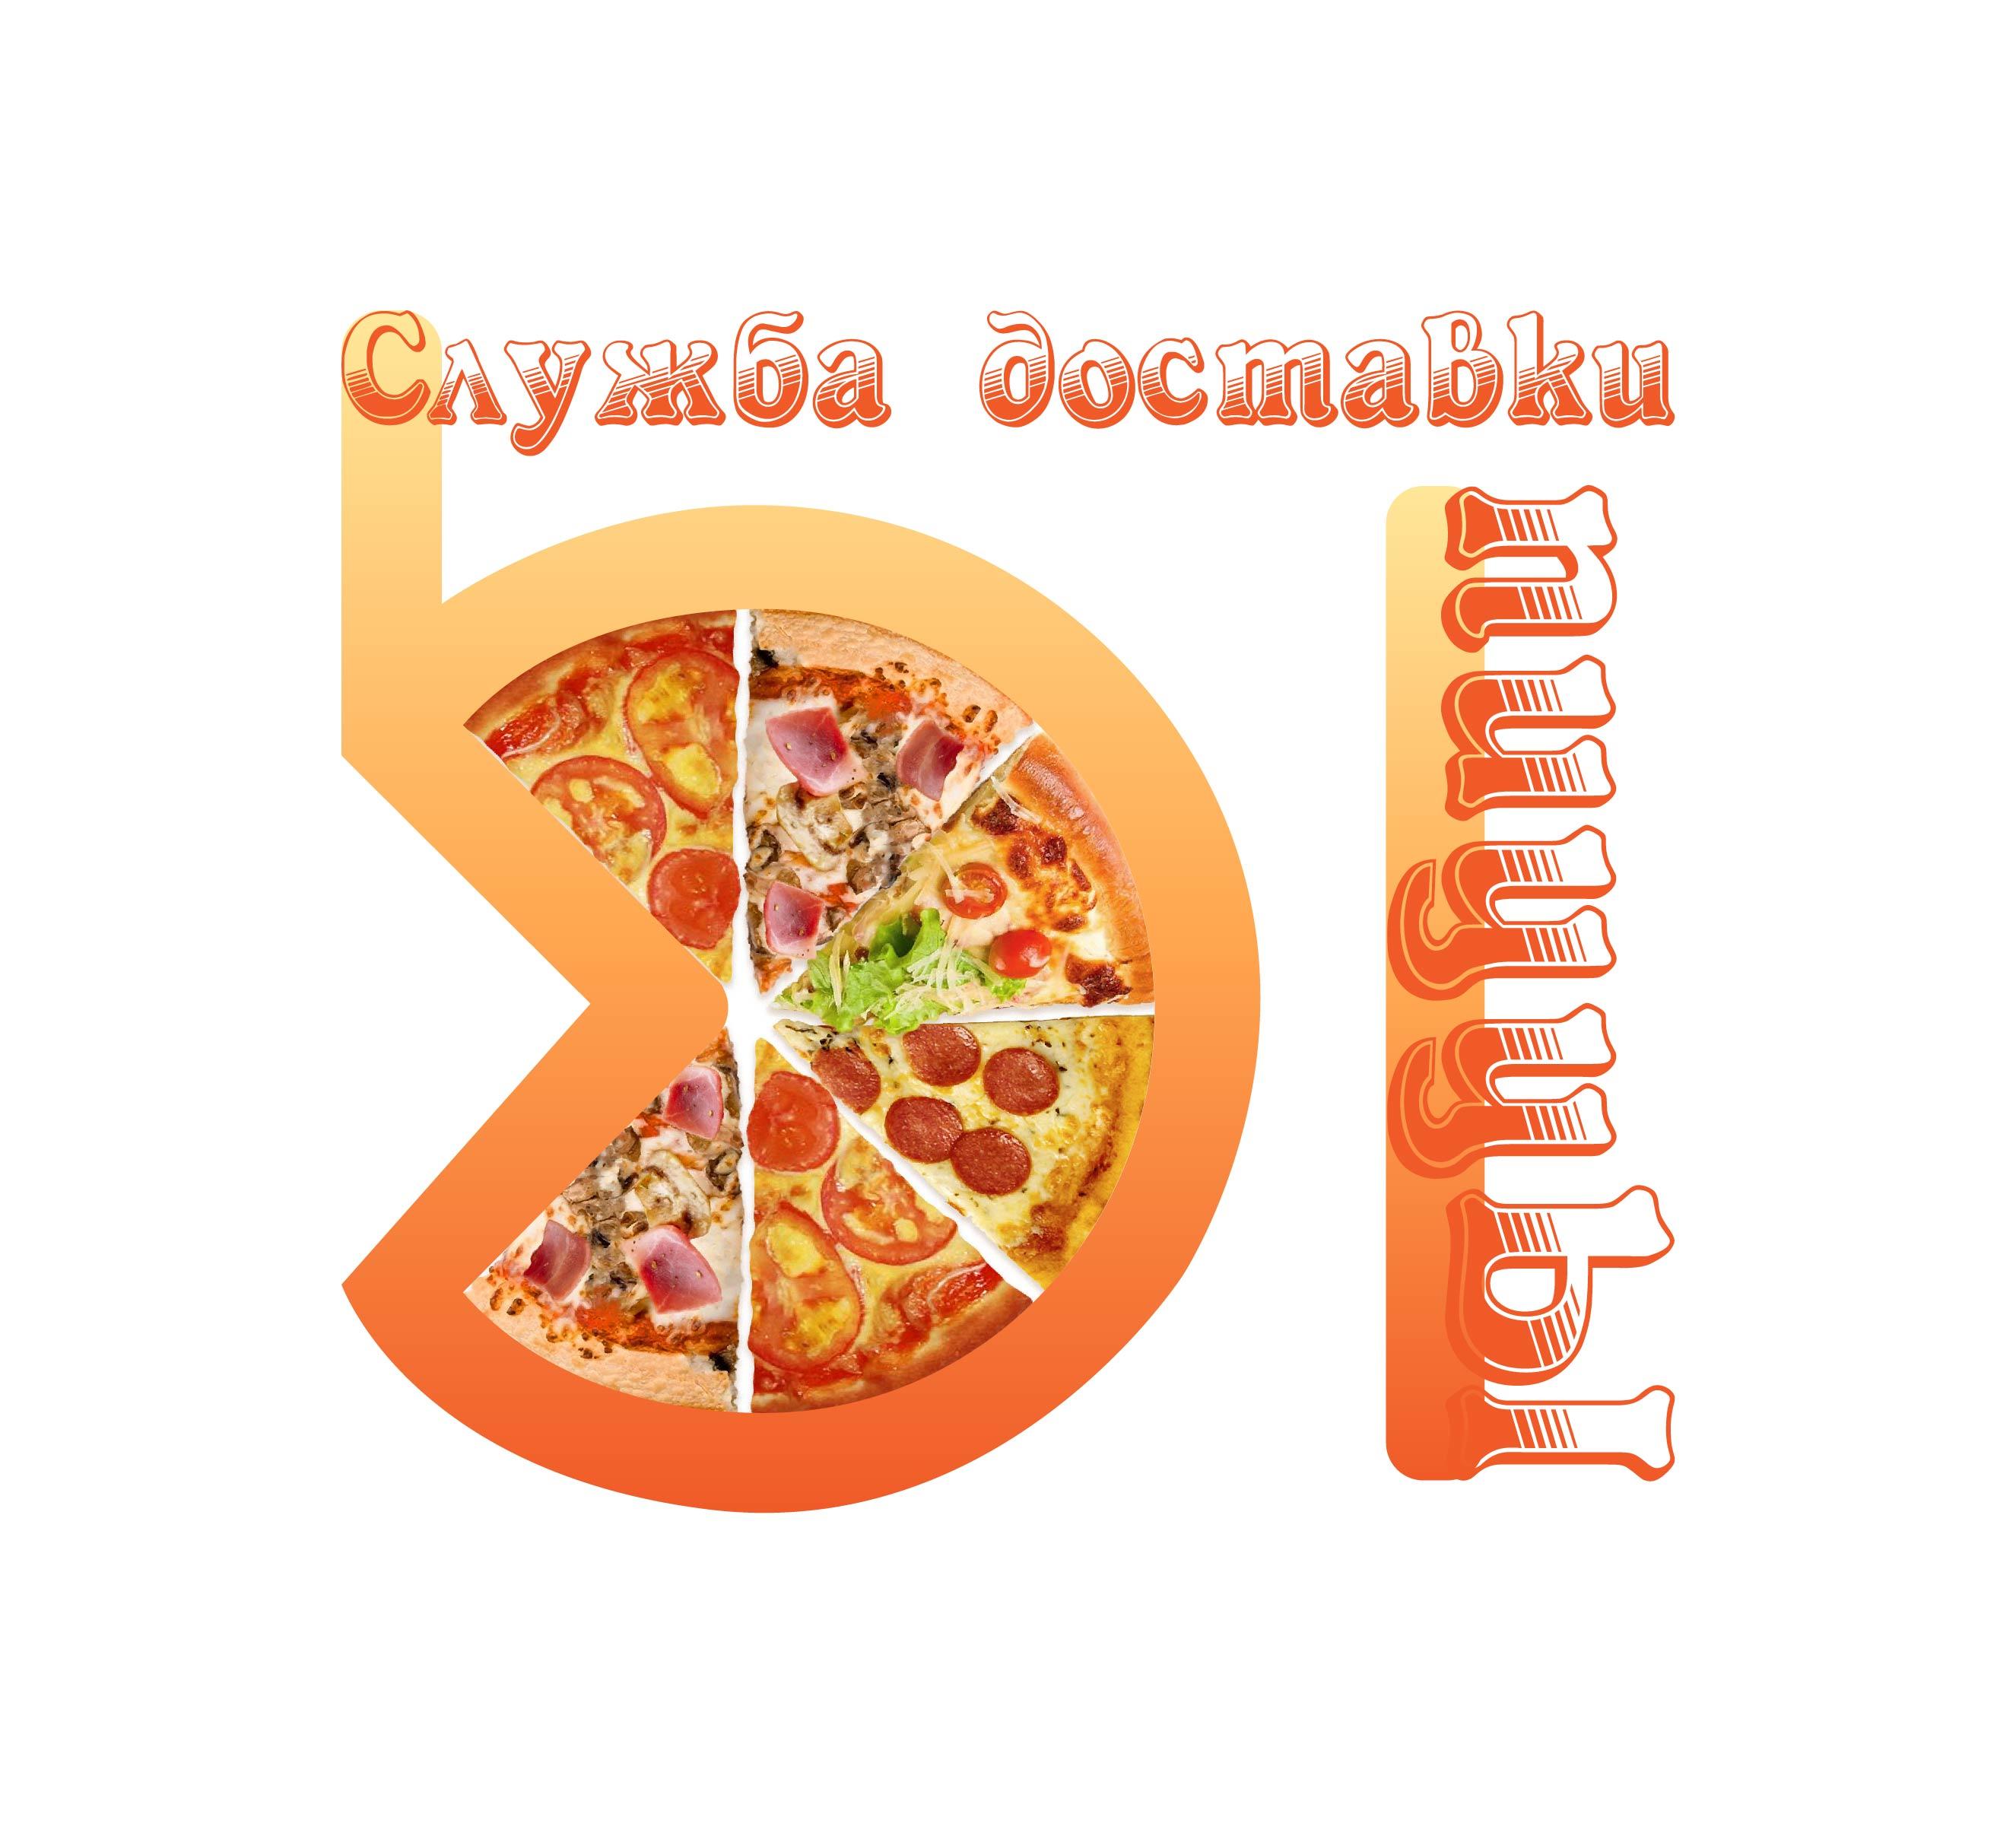 Разыскивается дизайнер для разработки лого службы доставки фото f_5635c34b015bfbd5.jpg